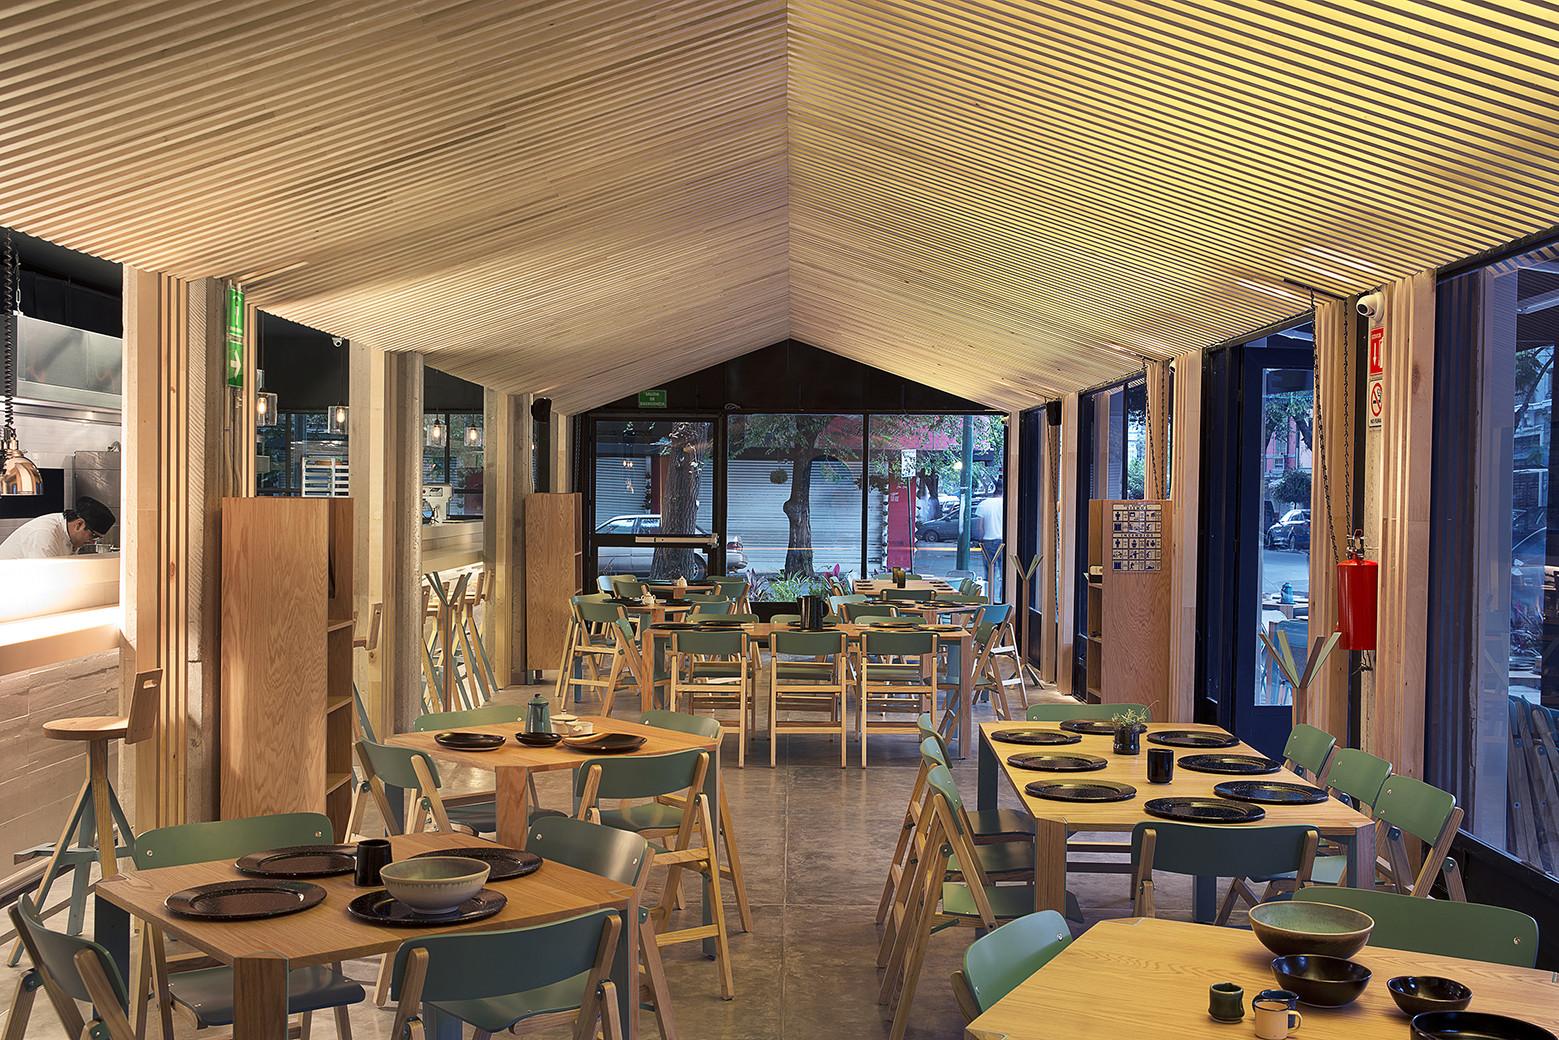 Restaurante zapote m dulo 11 plataforma arquitectura for Restaurante arquitectura